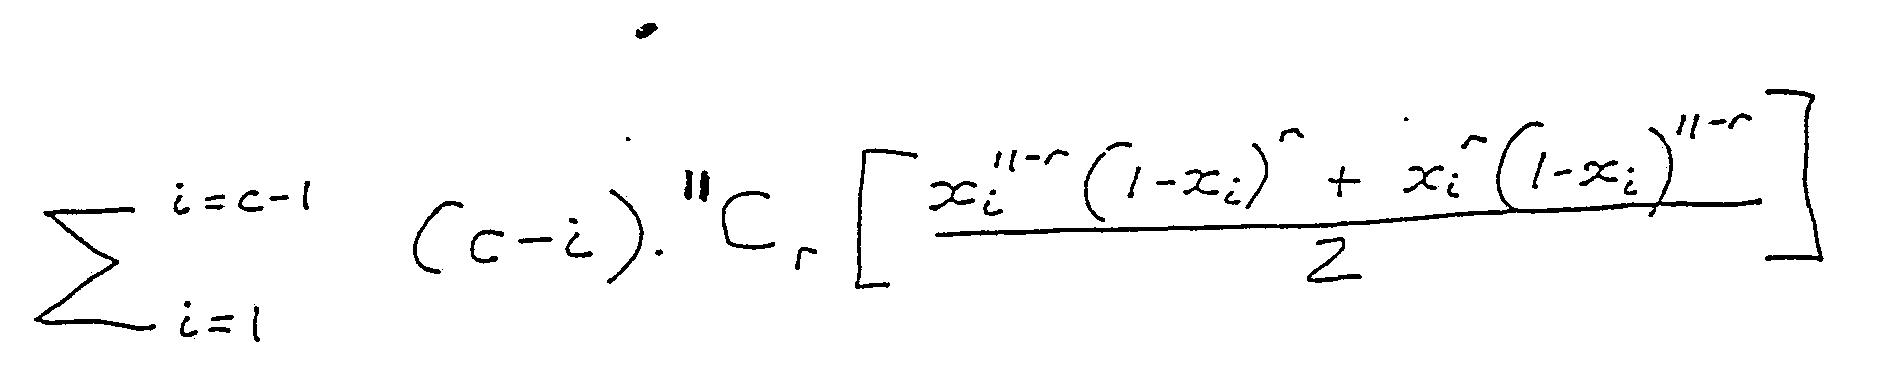 Figure imgf000068_0004